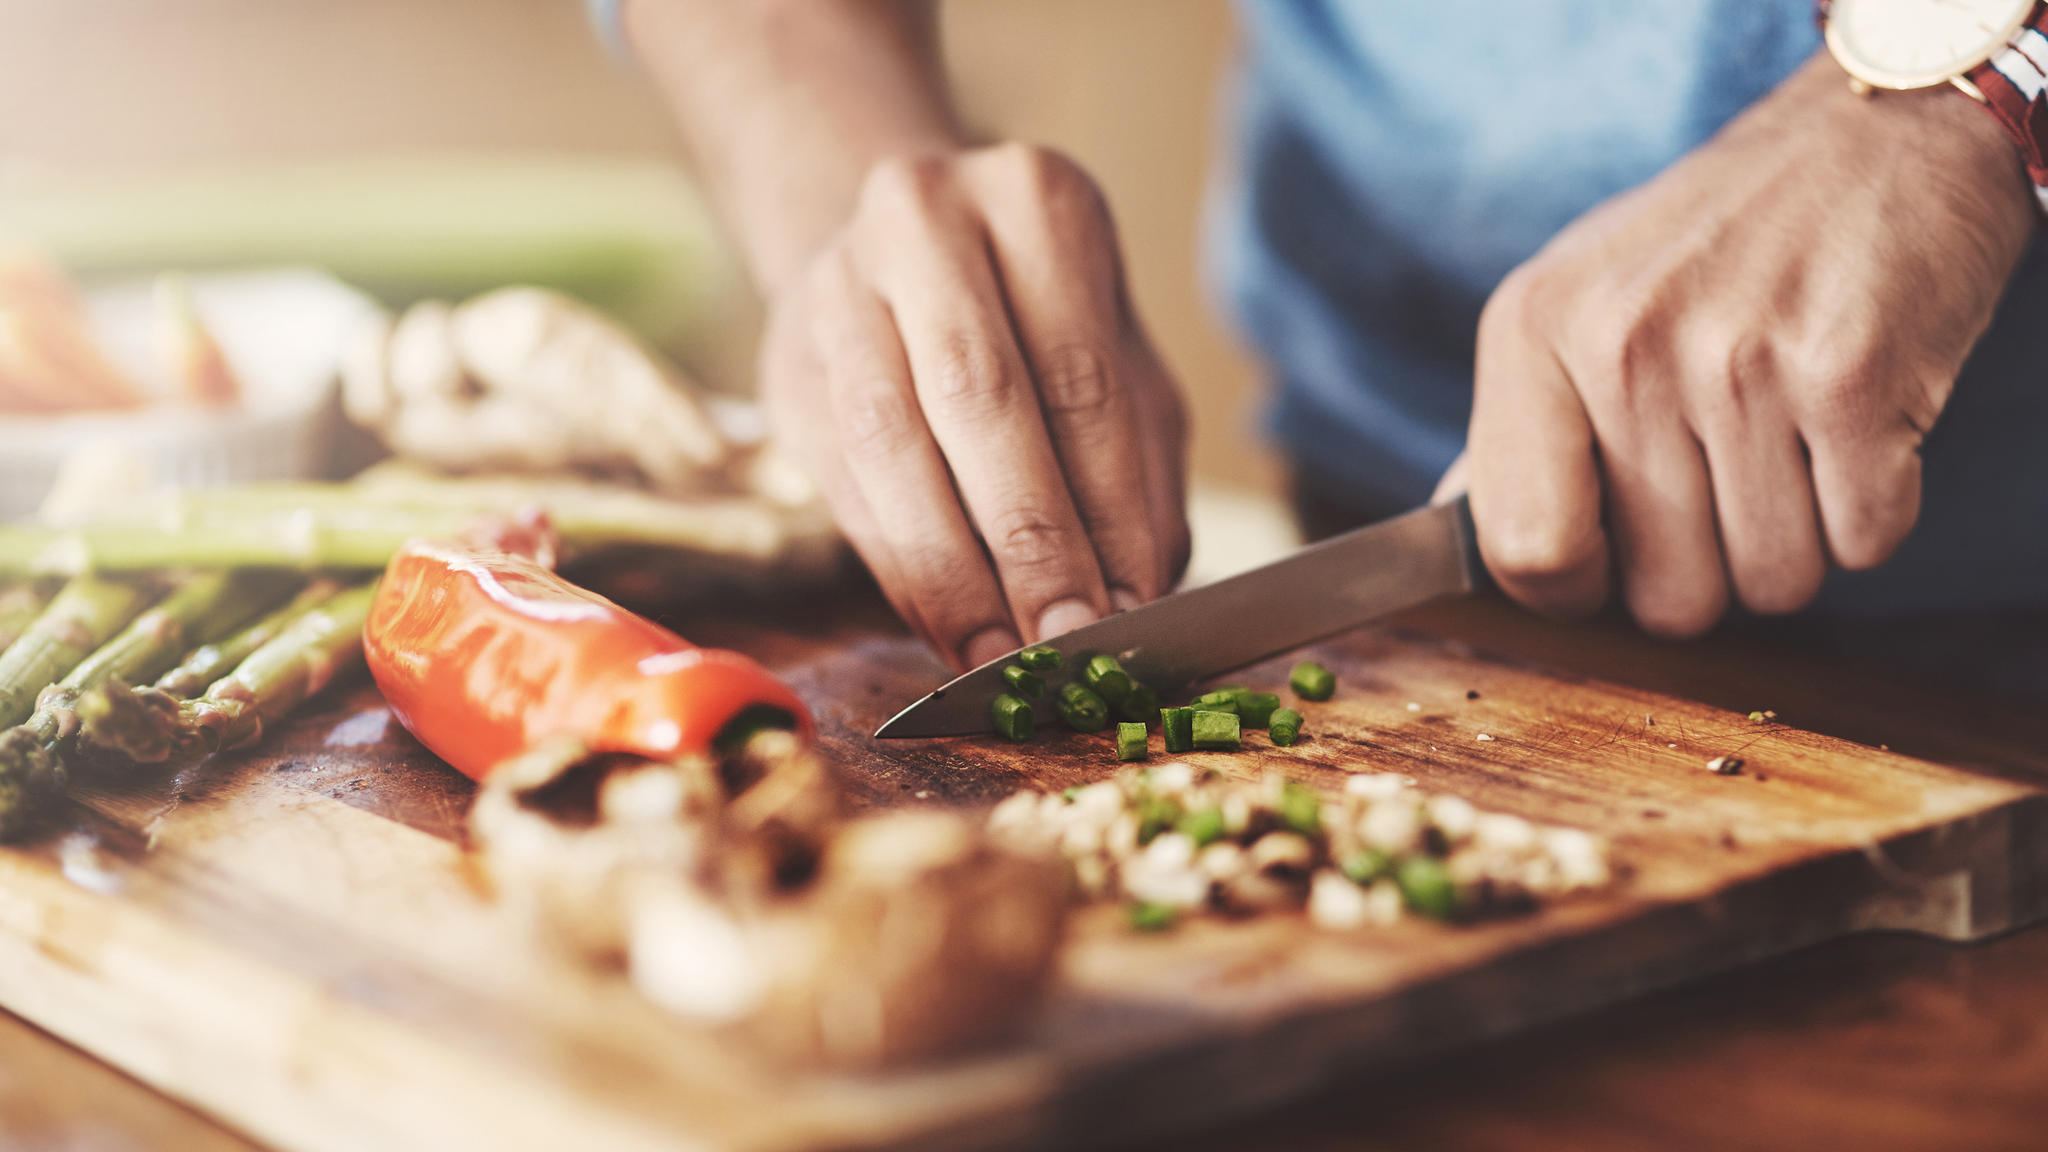 Mit guten Messern macht das Kochen direkt mehr Spaß.